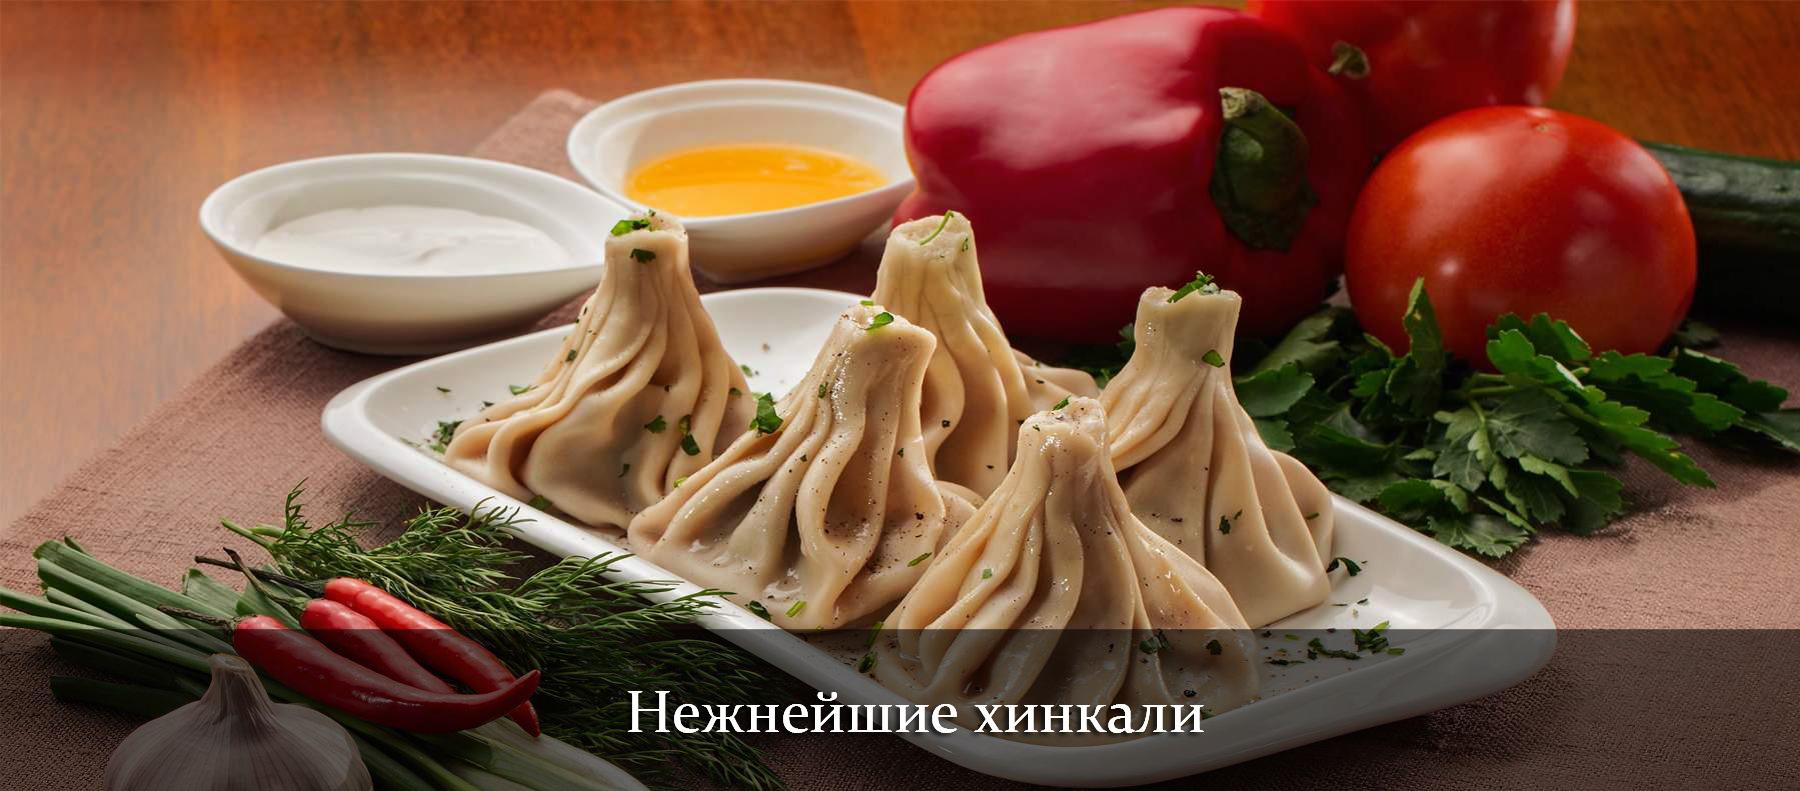 Как вкусно приготовить поджарку из телятины